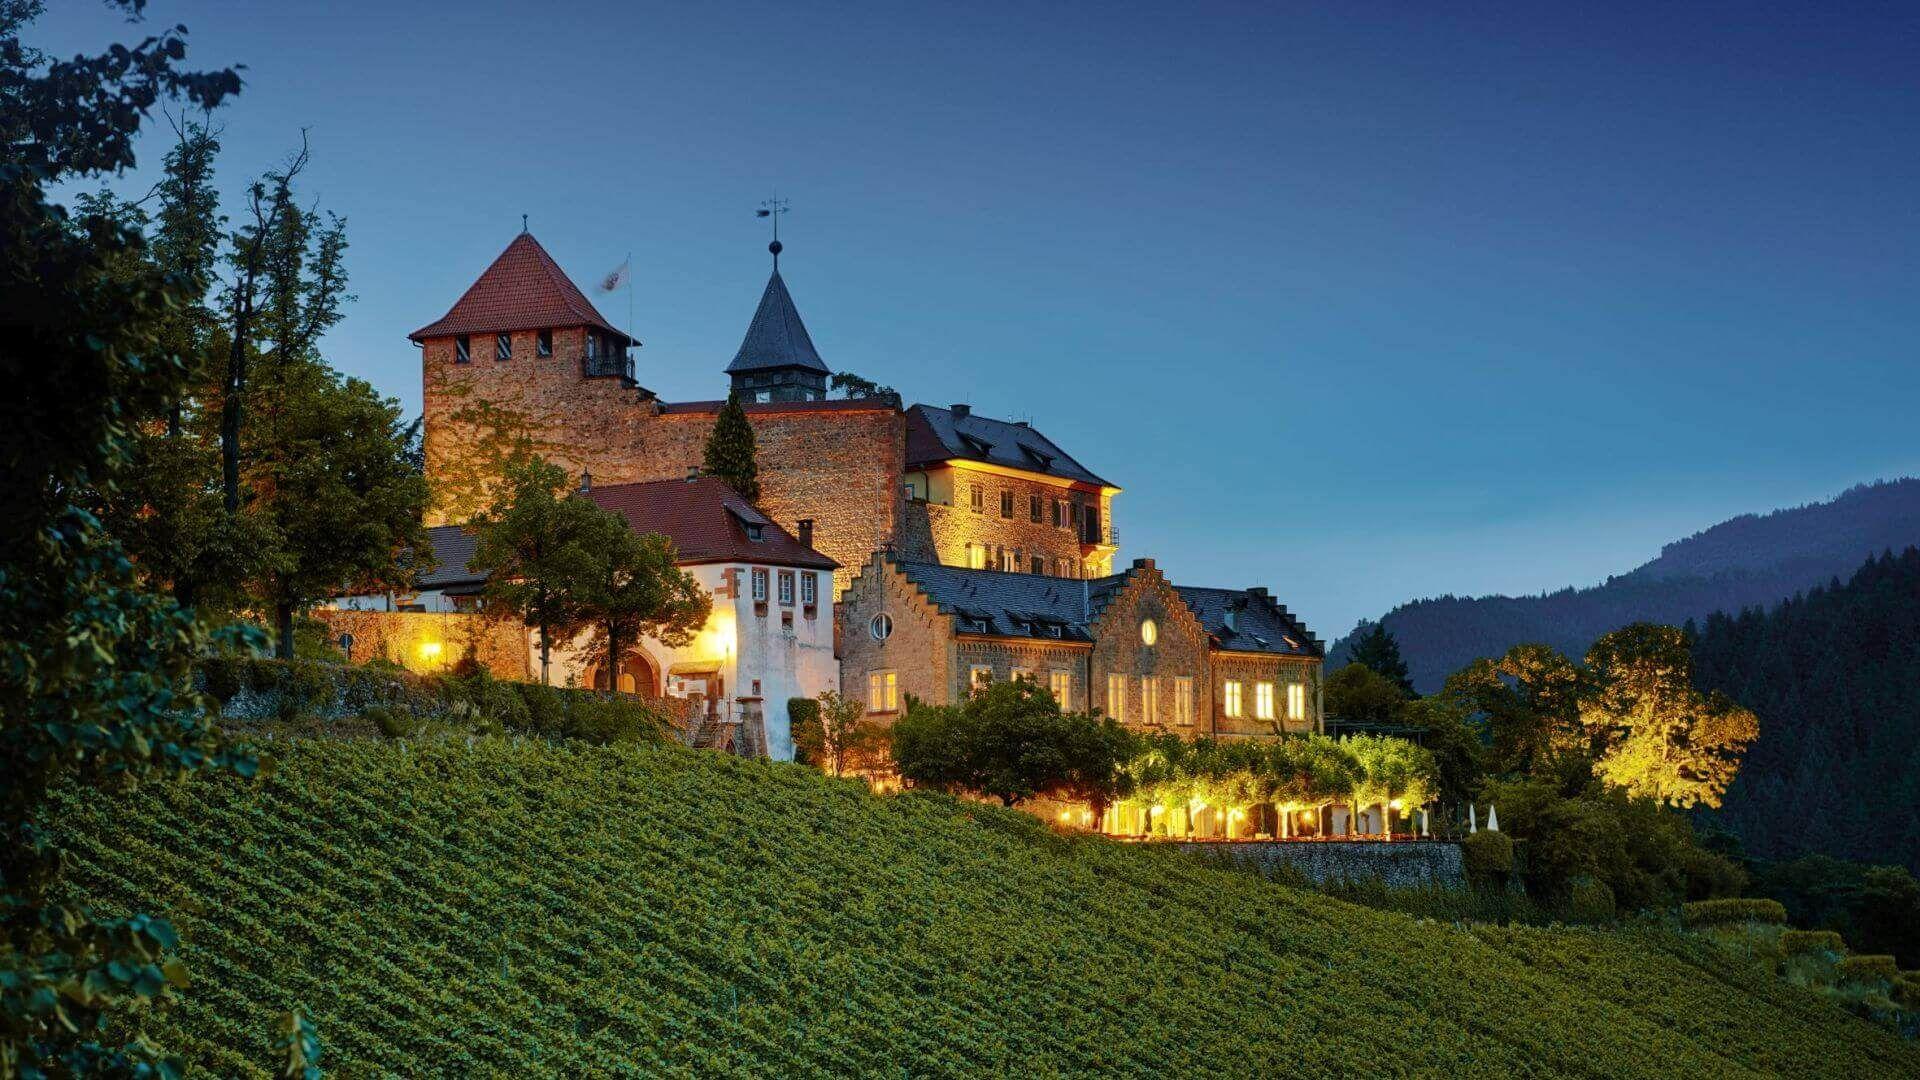 Schloss Eberstein Hochzeit Hochzeitslocation Werbung Da Markennennung Unbezahlt Hotel Schwarzwald Hotel Deutschland Wald Deutschland